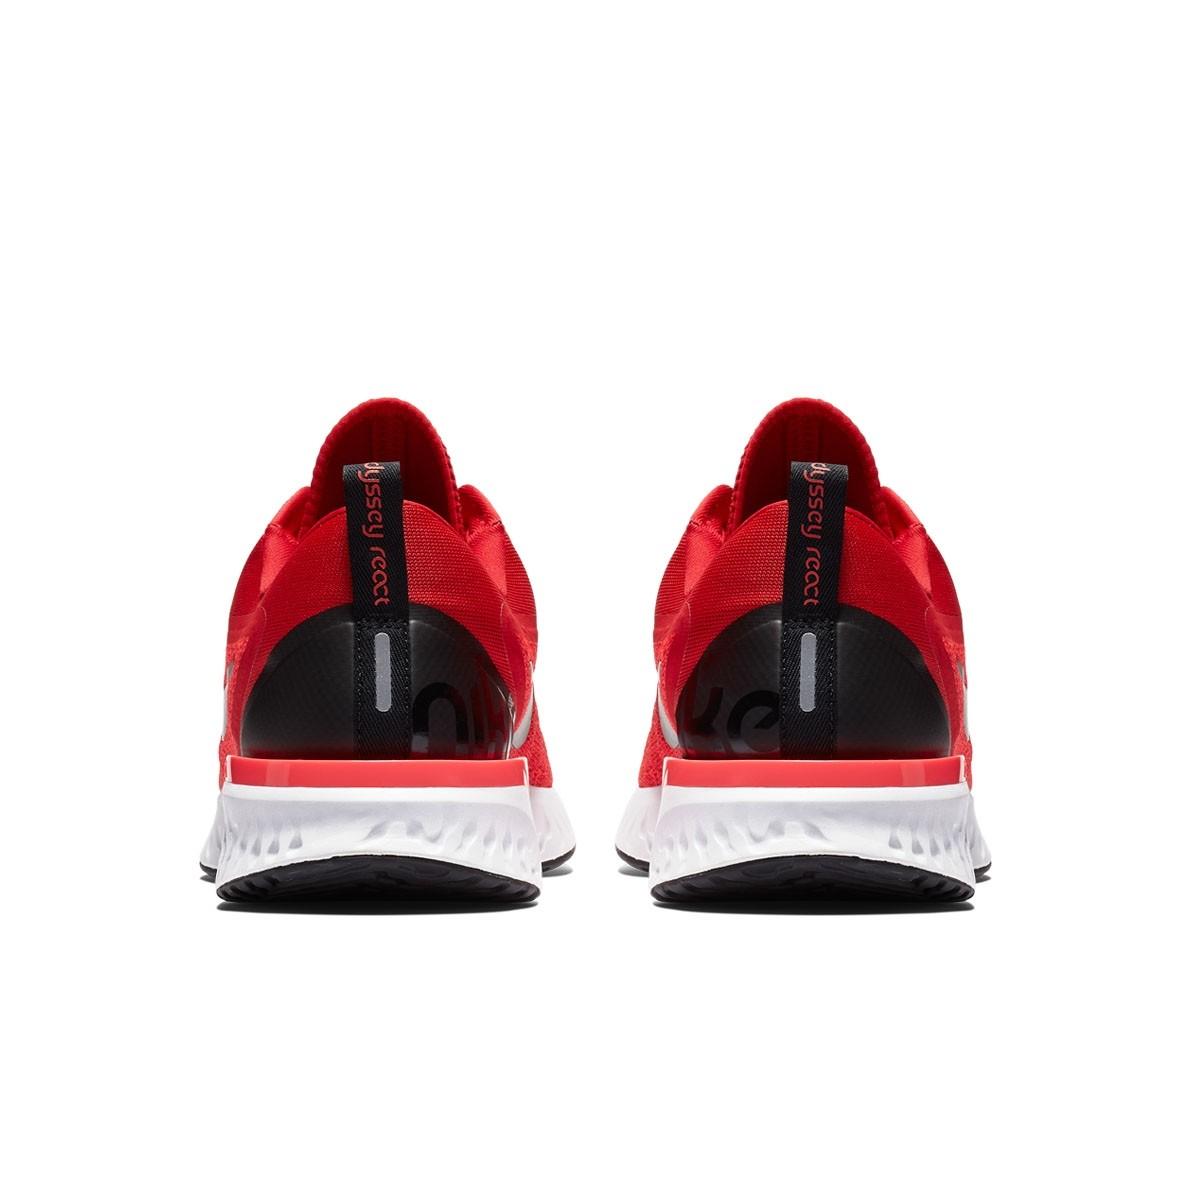 super especiales venta caliente más nuevo comprar Nike Odyssey React GS 'Red'